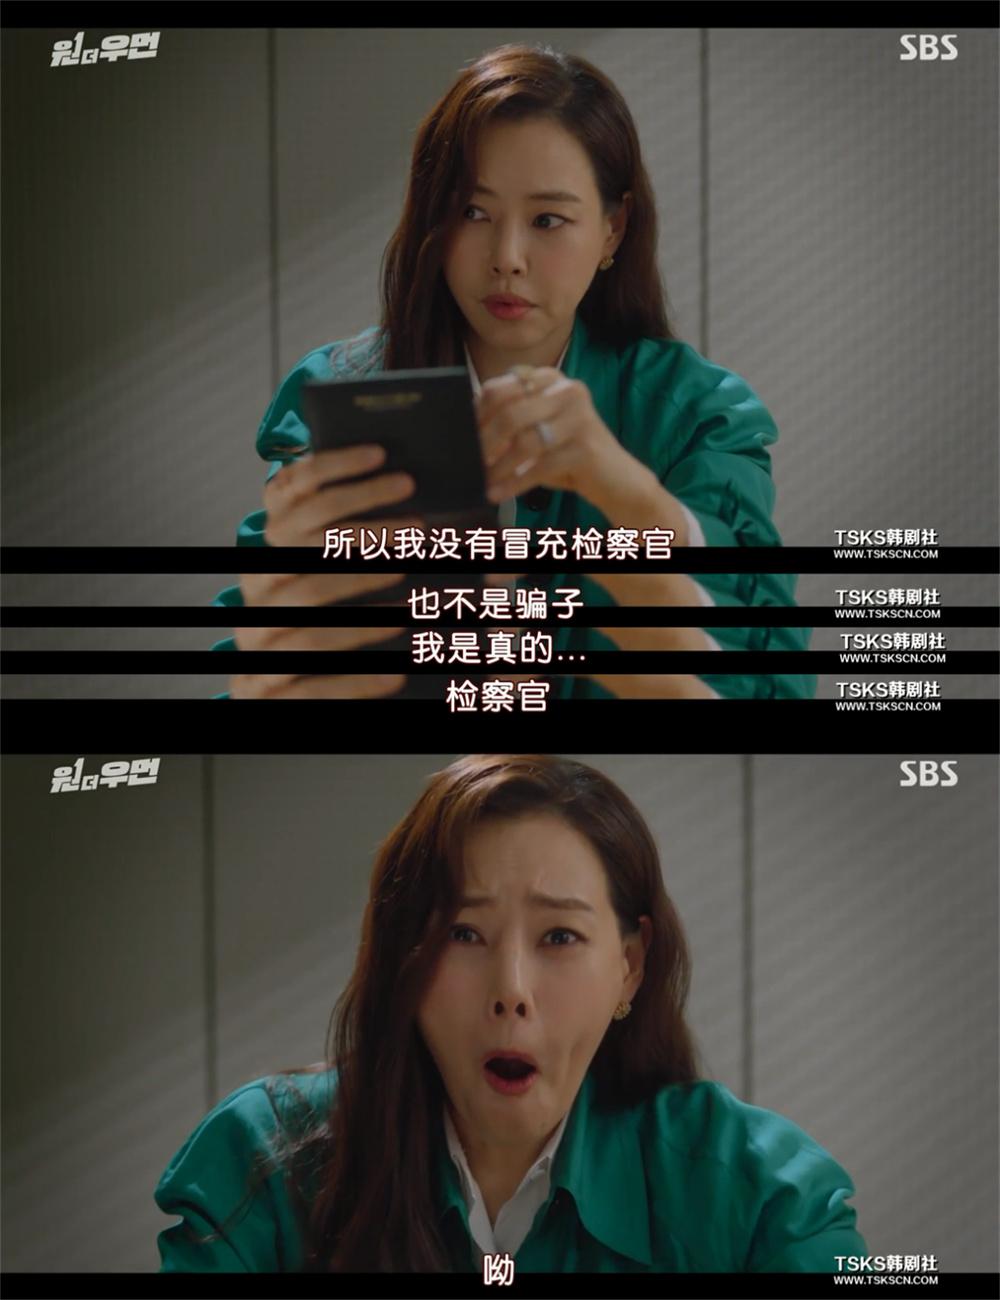 得知自己真是检察官后,赵妍珠的内心戏。